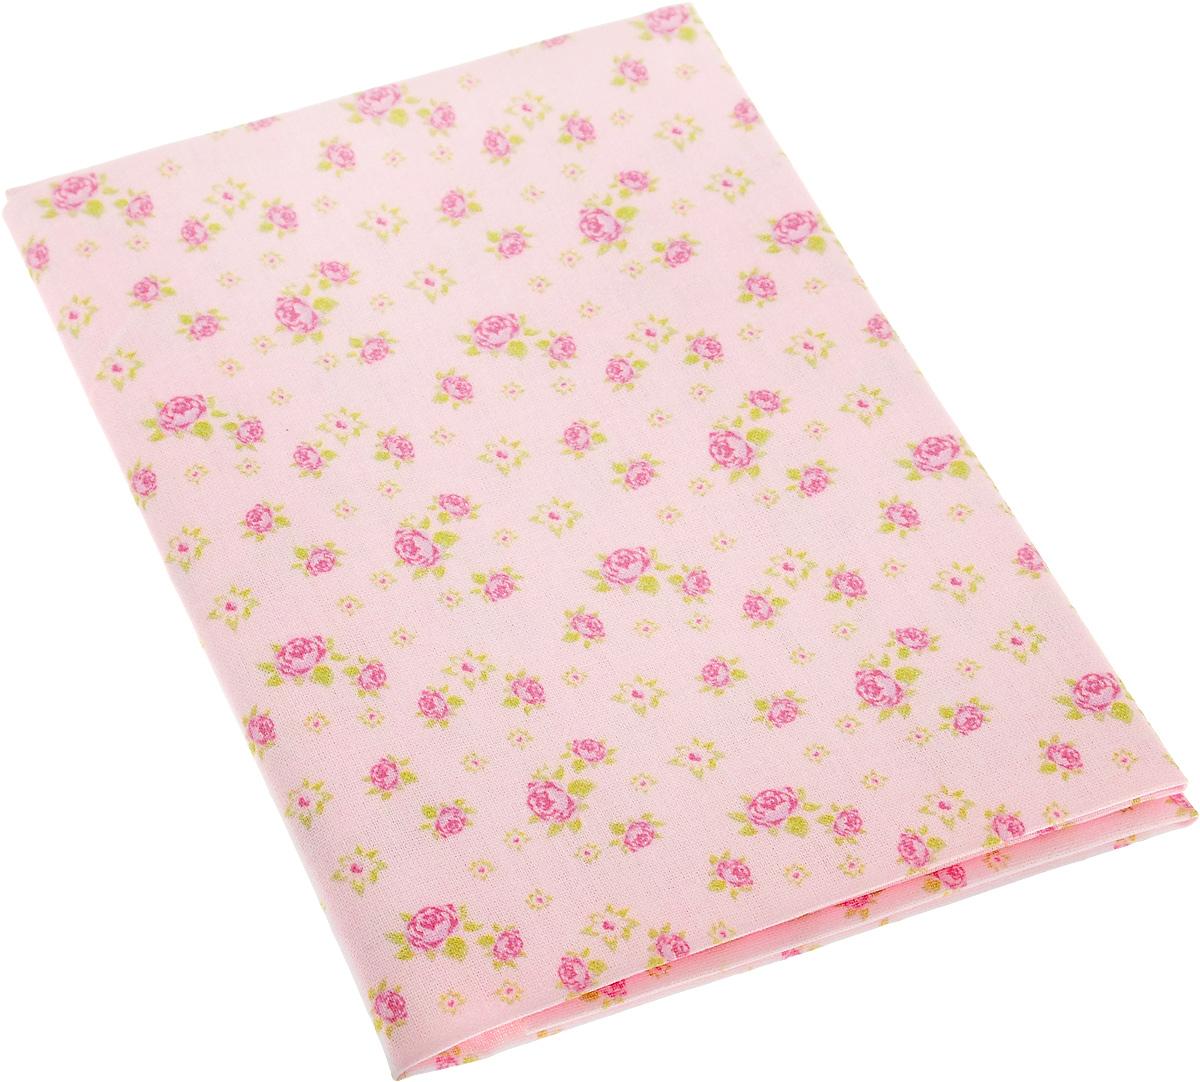 Ткань для пэчворка Артмикс Розы в стиле шебби шик, цвет: розовый, зеленый, 48 x 50 смNLED-454-9W-BKТкань Артмикс Розы в стиле шебби шик, изготовленная из 100% хлопка, предназначена для пошива одеял, покрывал, сумок, аппликаций и прочих изделий в технике пэчворк. Также подходит для пошива кукол, аксессуаров и одежды.Пэчворк - это вид рукоделия, при котором по принципу мозаики сшивается цельное изделие из кусочков ткани (лоскутков). Плотность ткани: 120 г/м2.УВАЖАЕМЫЕ КЛИЕНТЫ!Обращаем ваше внимание, на тот факт, что размер отреза может отличаться на 1-2 см.